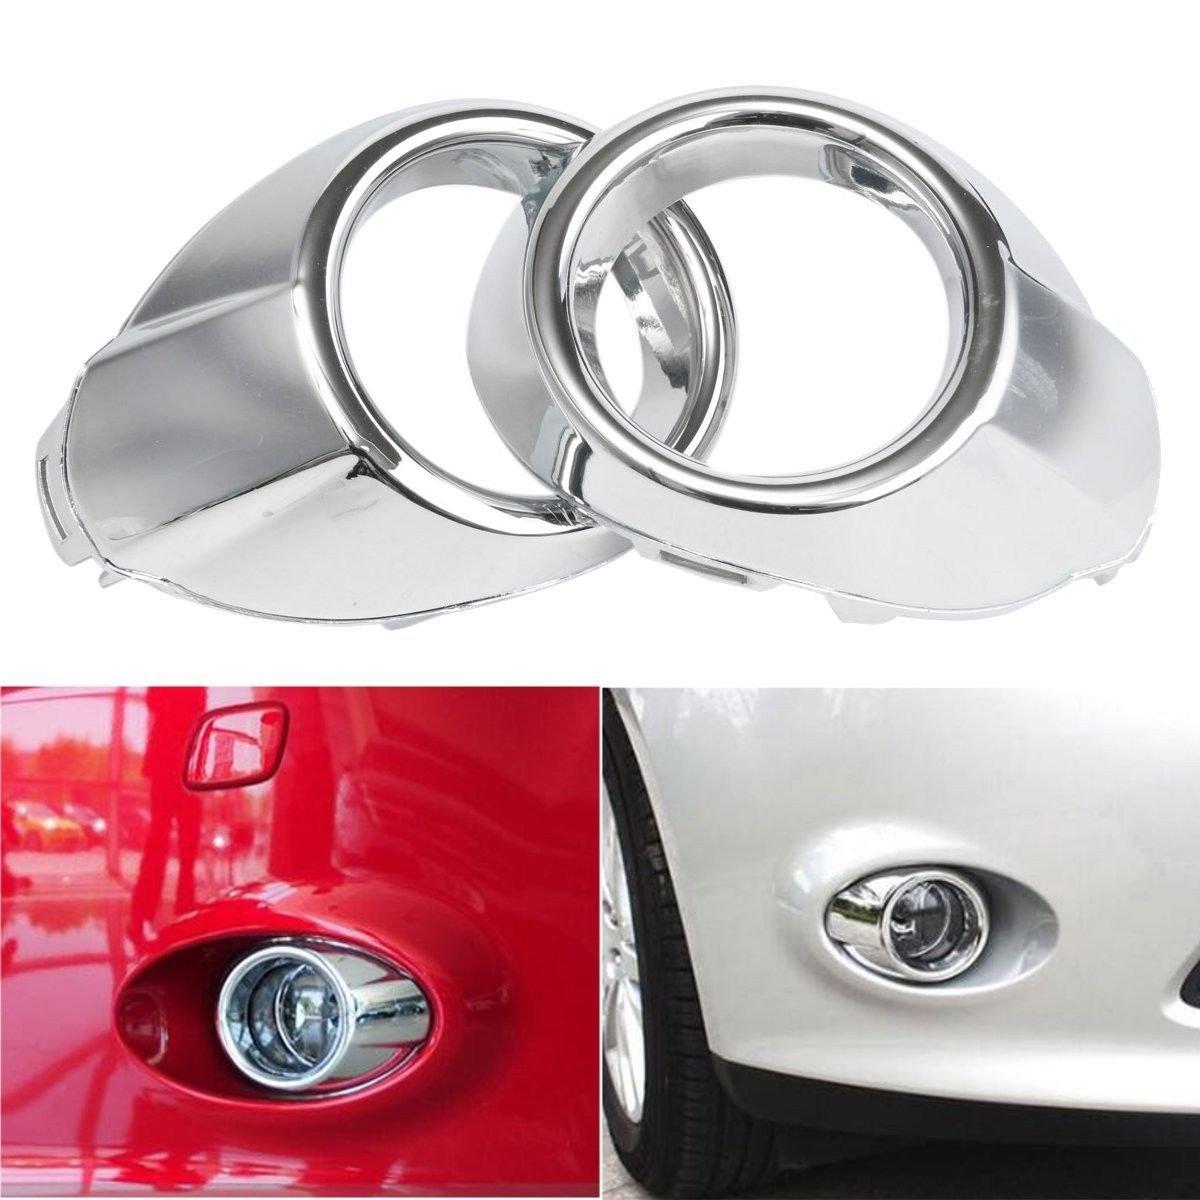 YUK 2 For Chrome Front Fog Light Lamp Cover Bezels Trim For Ford Focus 2012-2014